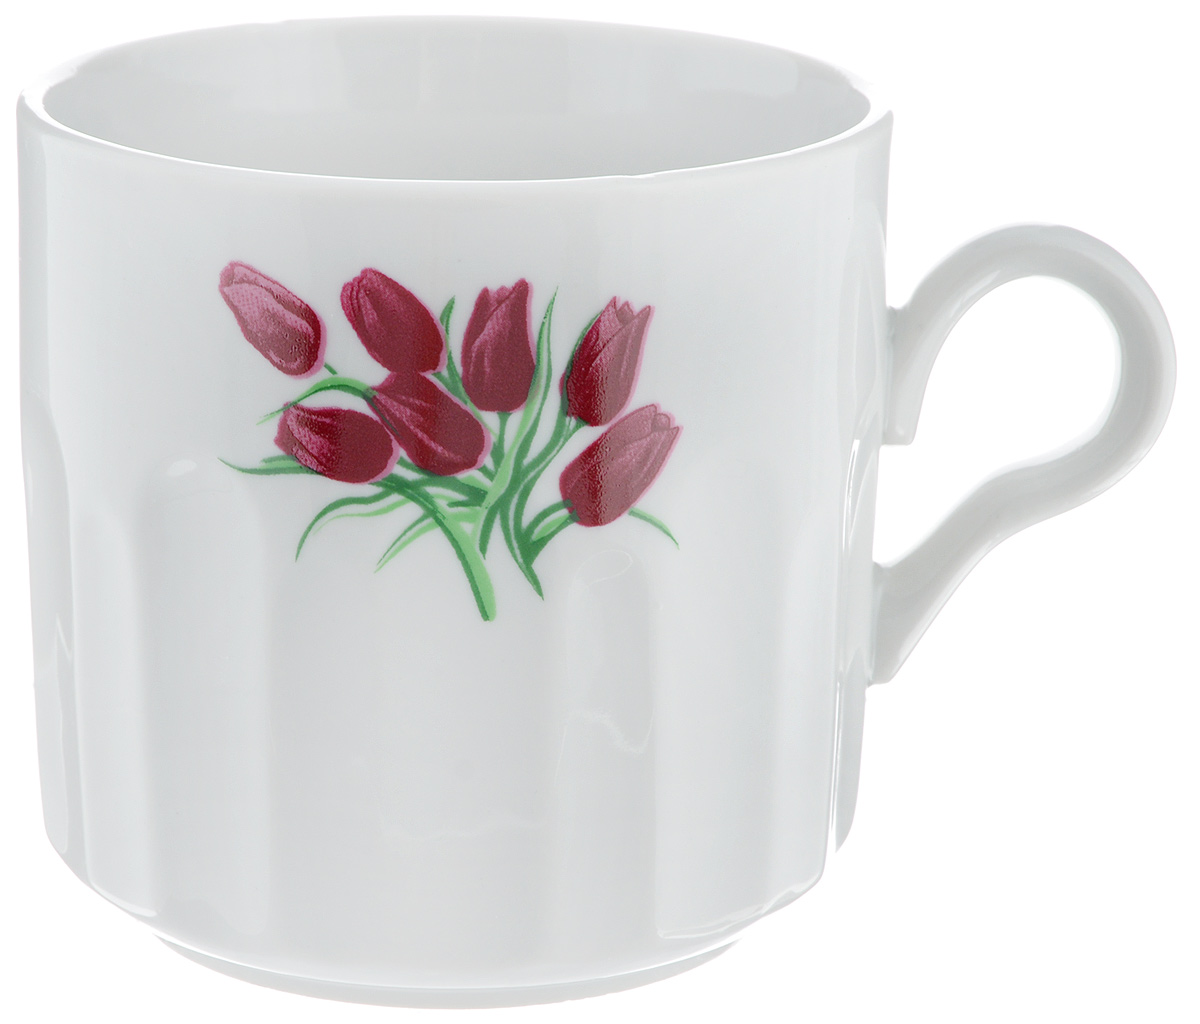 Кружка Фарфор Вербилок Тюльпаны, 500 мл5720980Кружка Фарфор Вербилок Тюльпаны способна скрасить любое чаепитие. Изделие выполнено из высококачественного фарфора. Посуда из такого материала позволяет сохранить истинный вкус напитка, а также помогает ему дольше оставаться теплым.Диаметр по верхнему краю: 9,5 см.Высота кружки: 9,5 см.